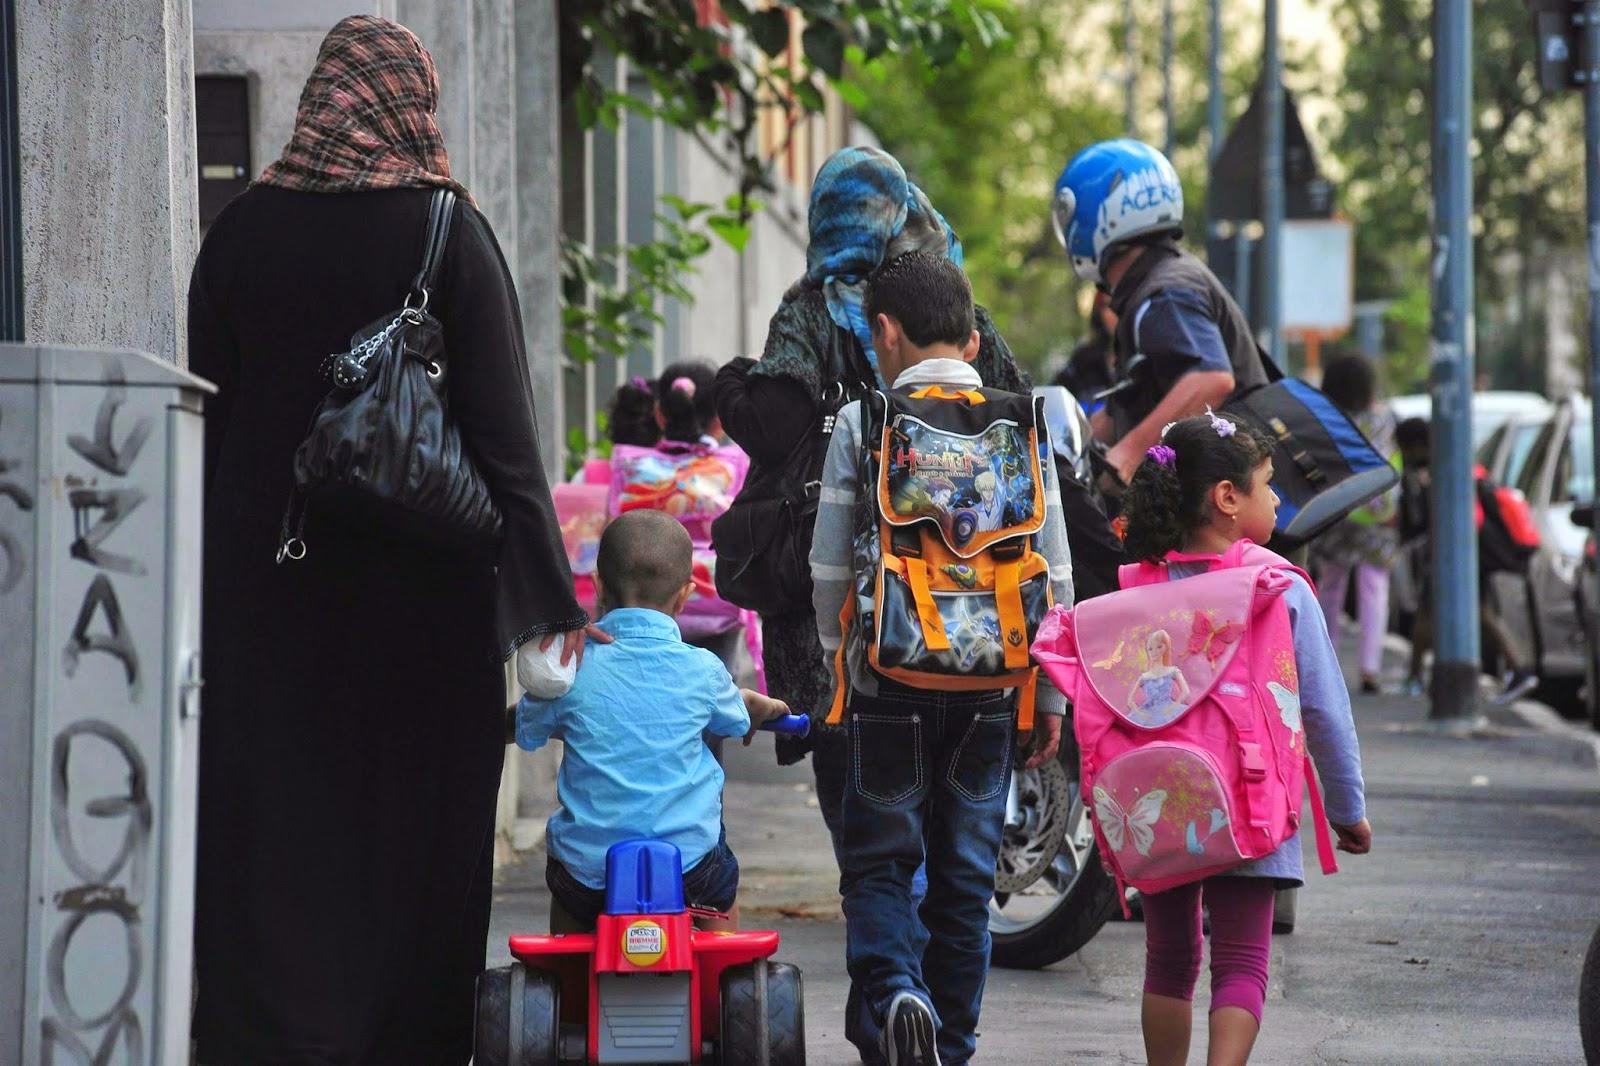 Los musulmanes vuelven a invadir España: dos millones de islámicos y 84 centros de oración radicales Musulmanes-e-islam-en-espana